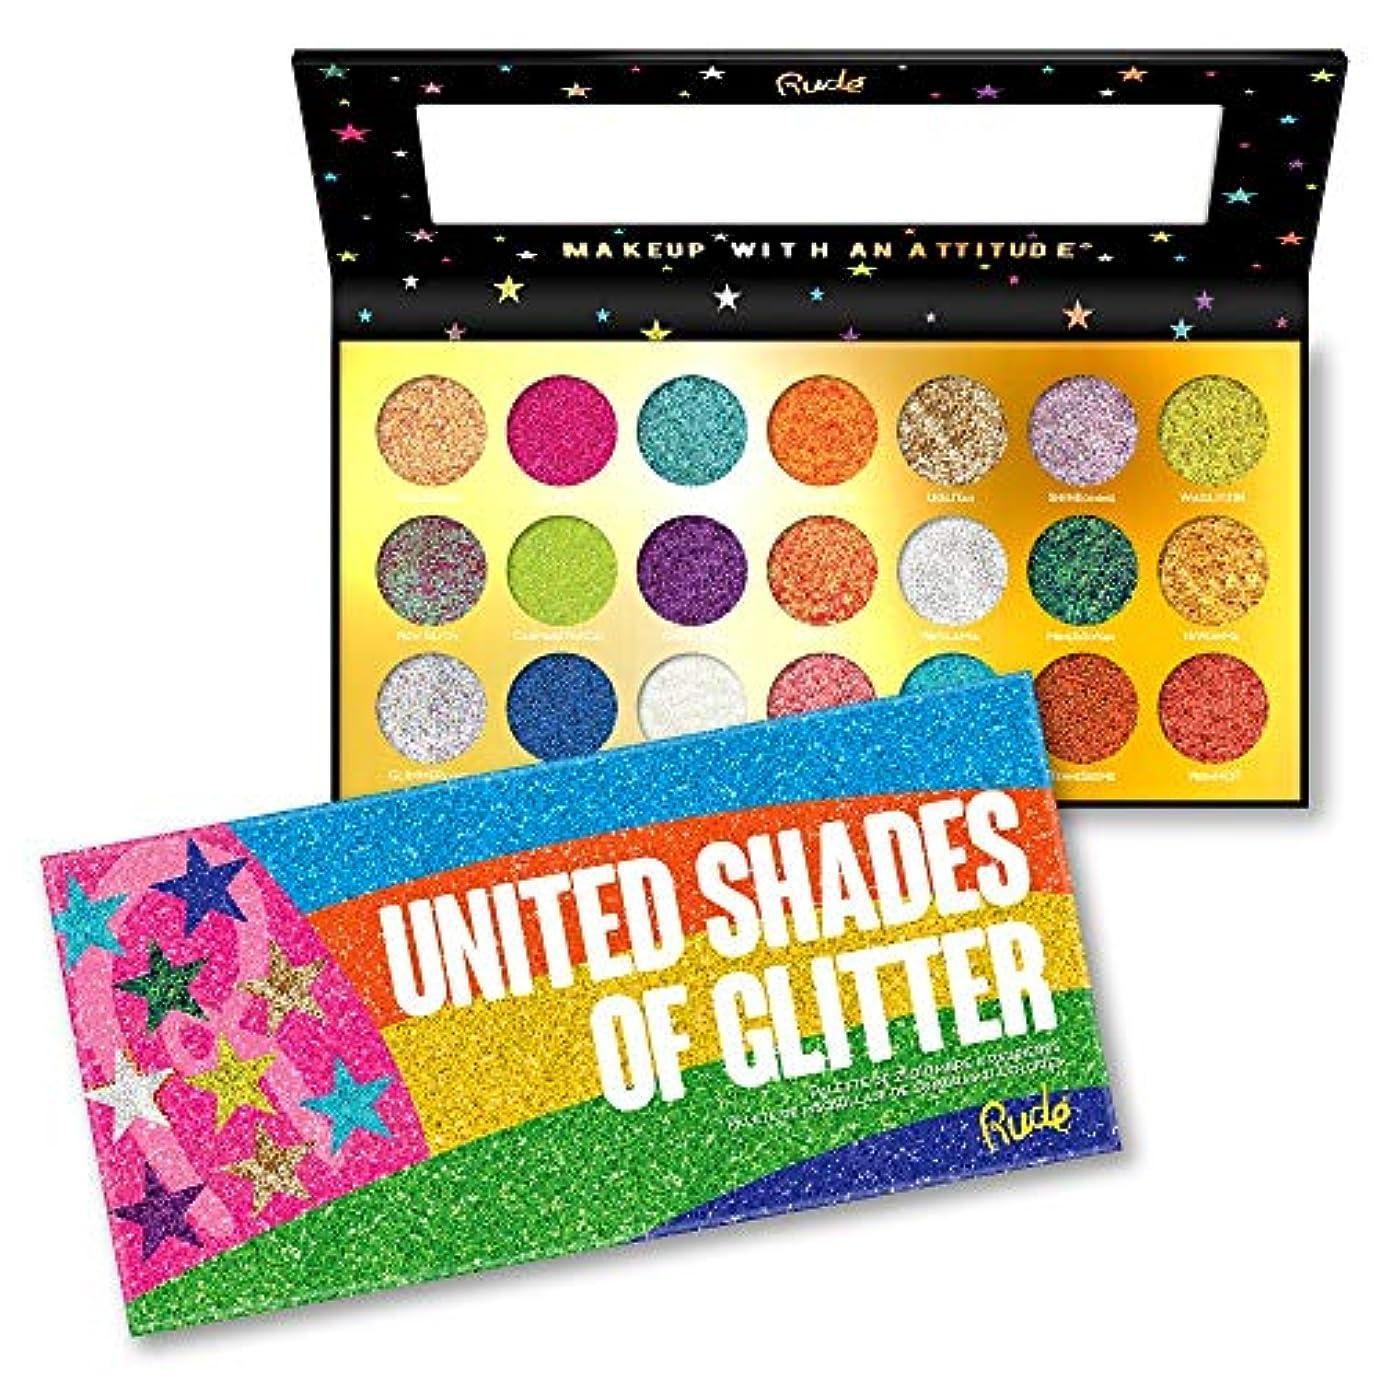 教会抱擁束RUDE? United Shades of Glitter - 21 Pressed Glitter Palette (並行輸入品)